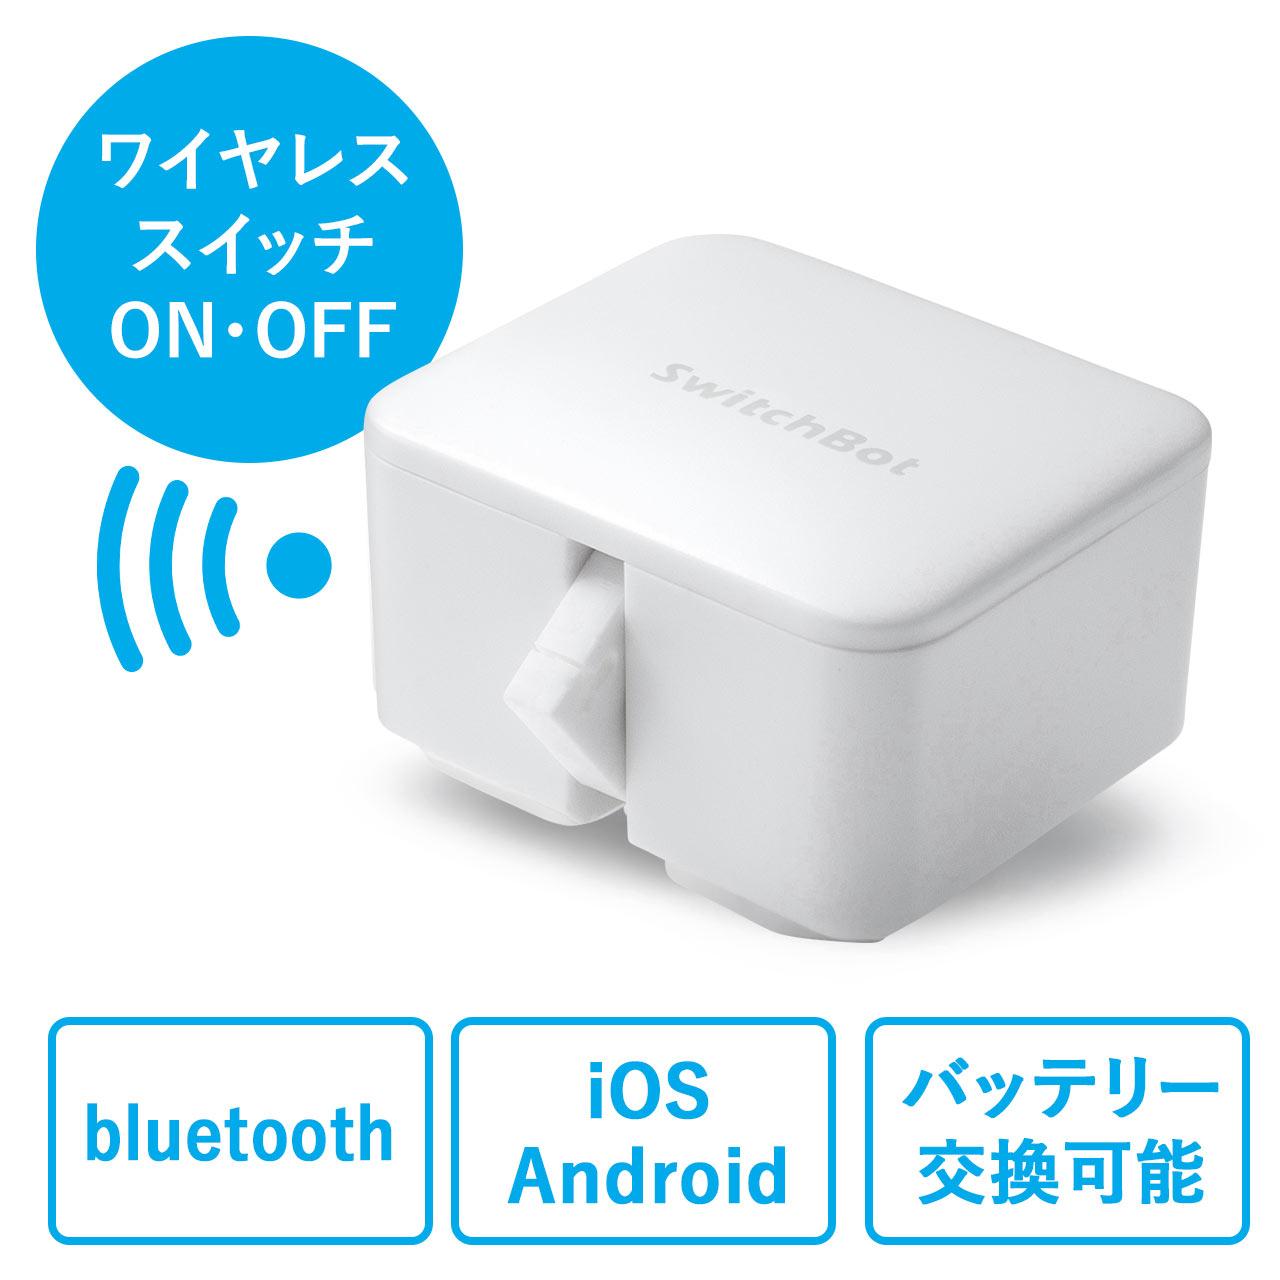 SwitchBot(ワイヤレススイッチロボット・壁電気スイッチ操作・アプリ連携・ホワイト) サンワダイレクト サンワサプライ 400-RC005W